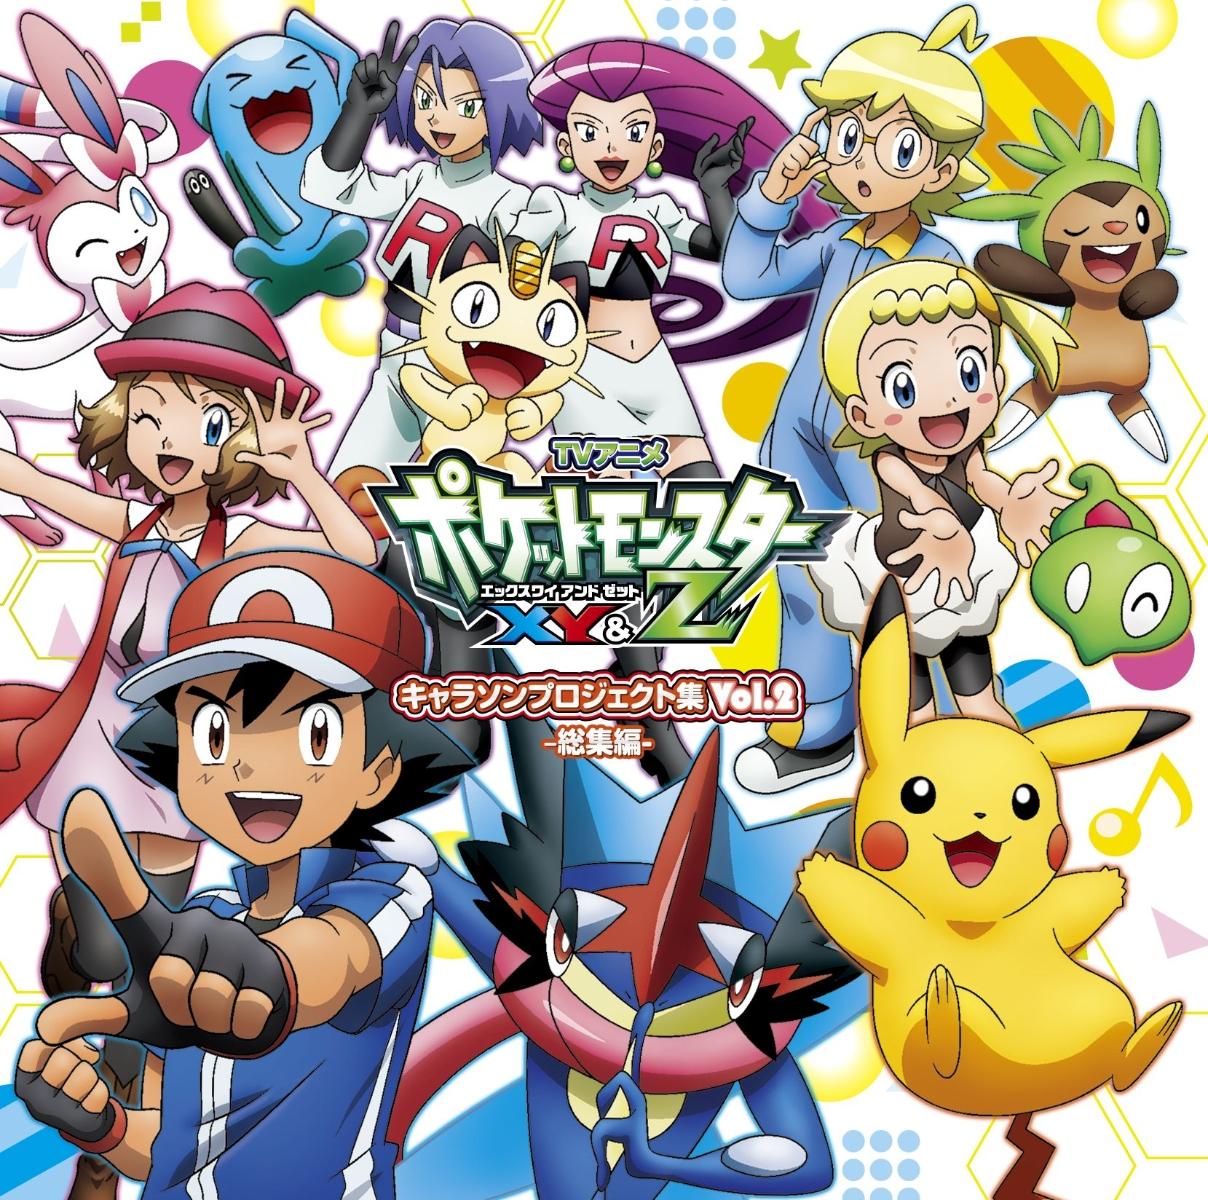 楽天ブックス: tvアニメ「ポケットモンスターxy&z」キャラソン